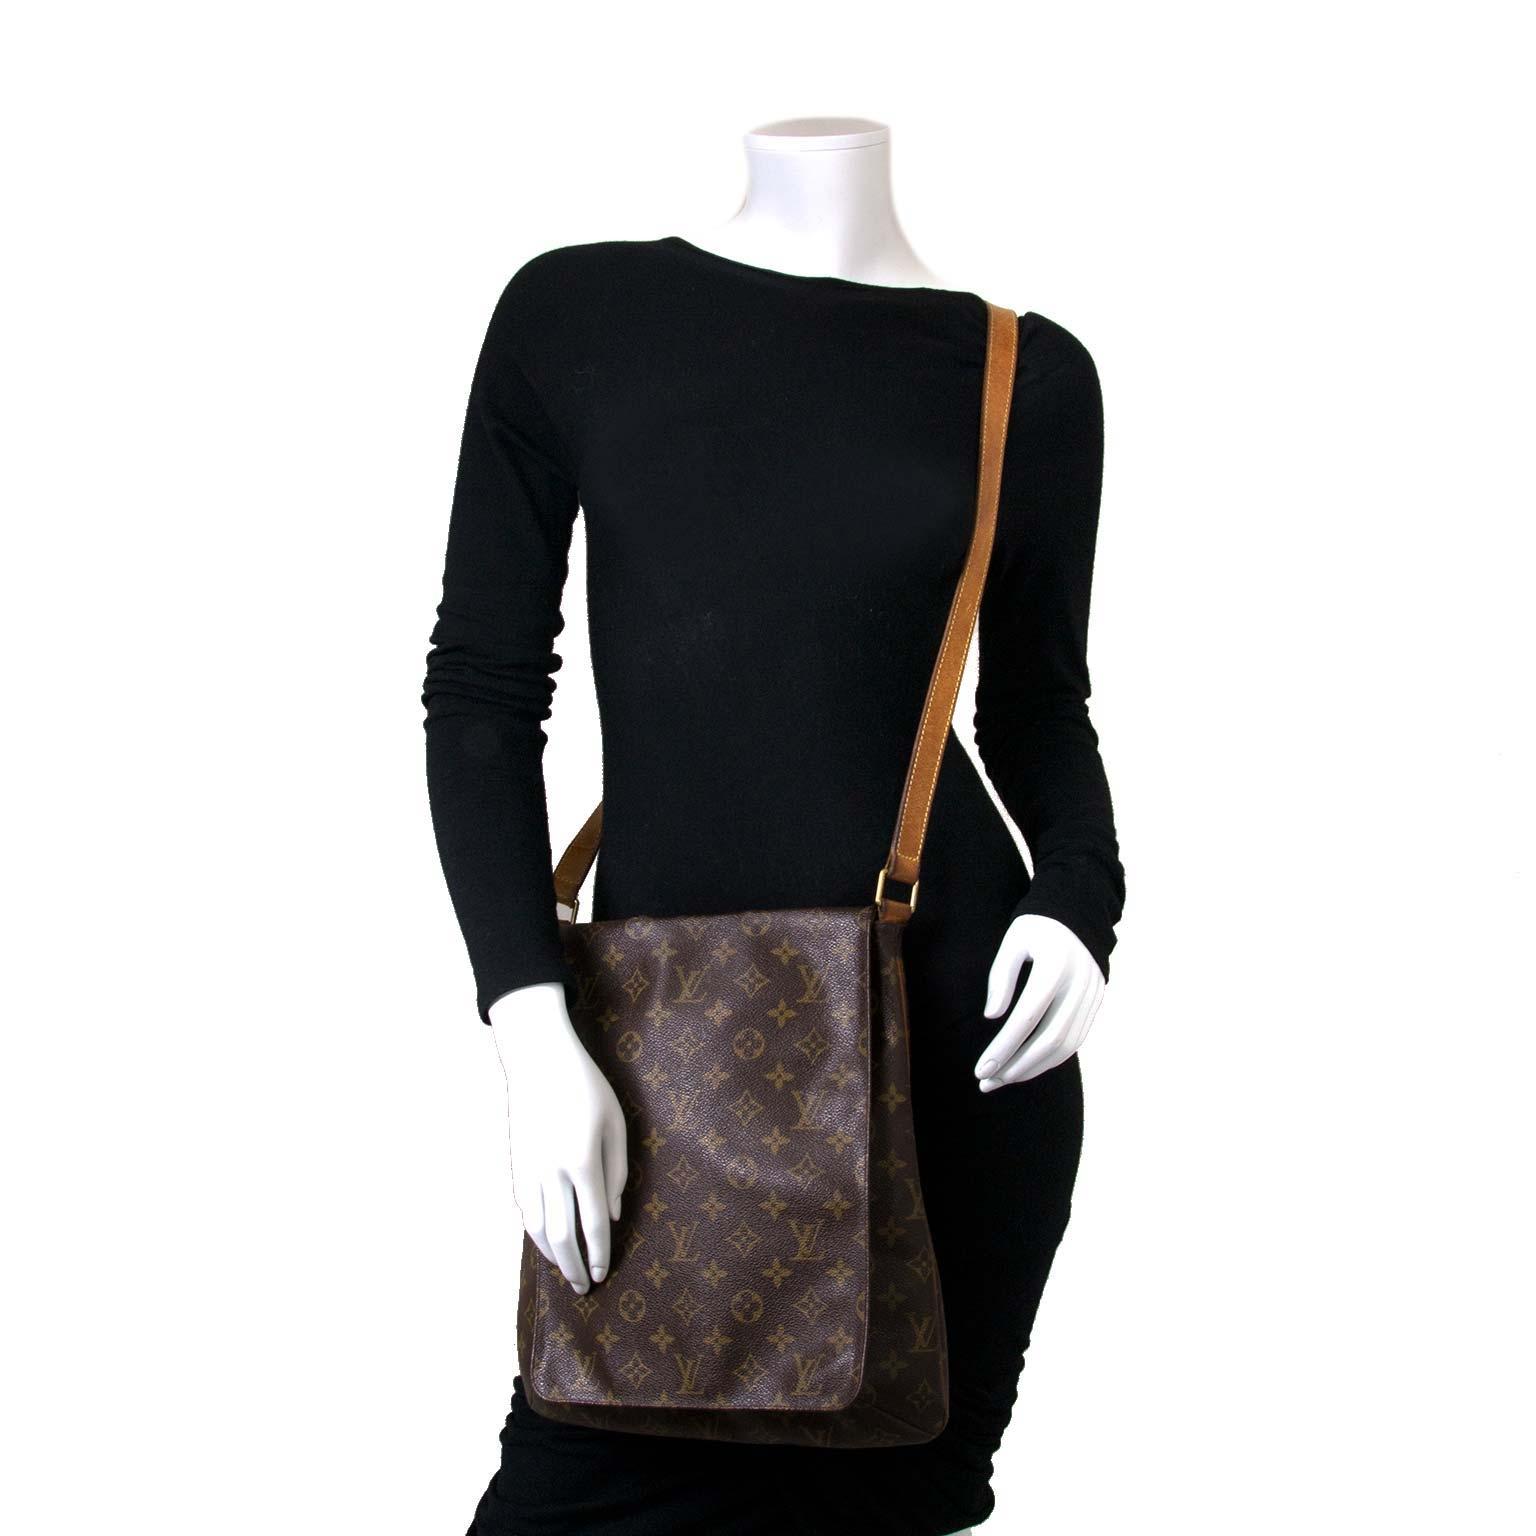 Louis Vuitton Musette Salsa Bag for sale online